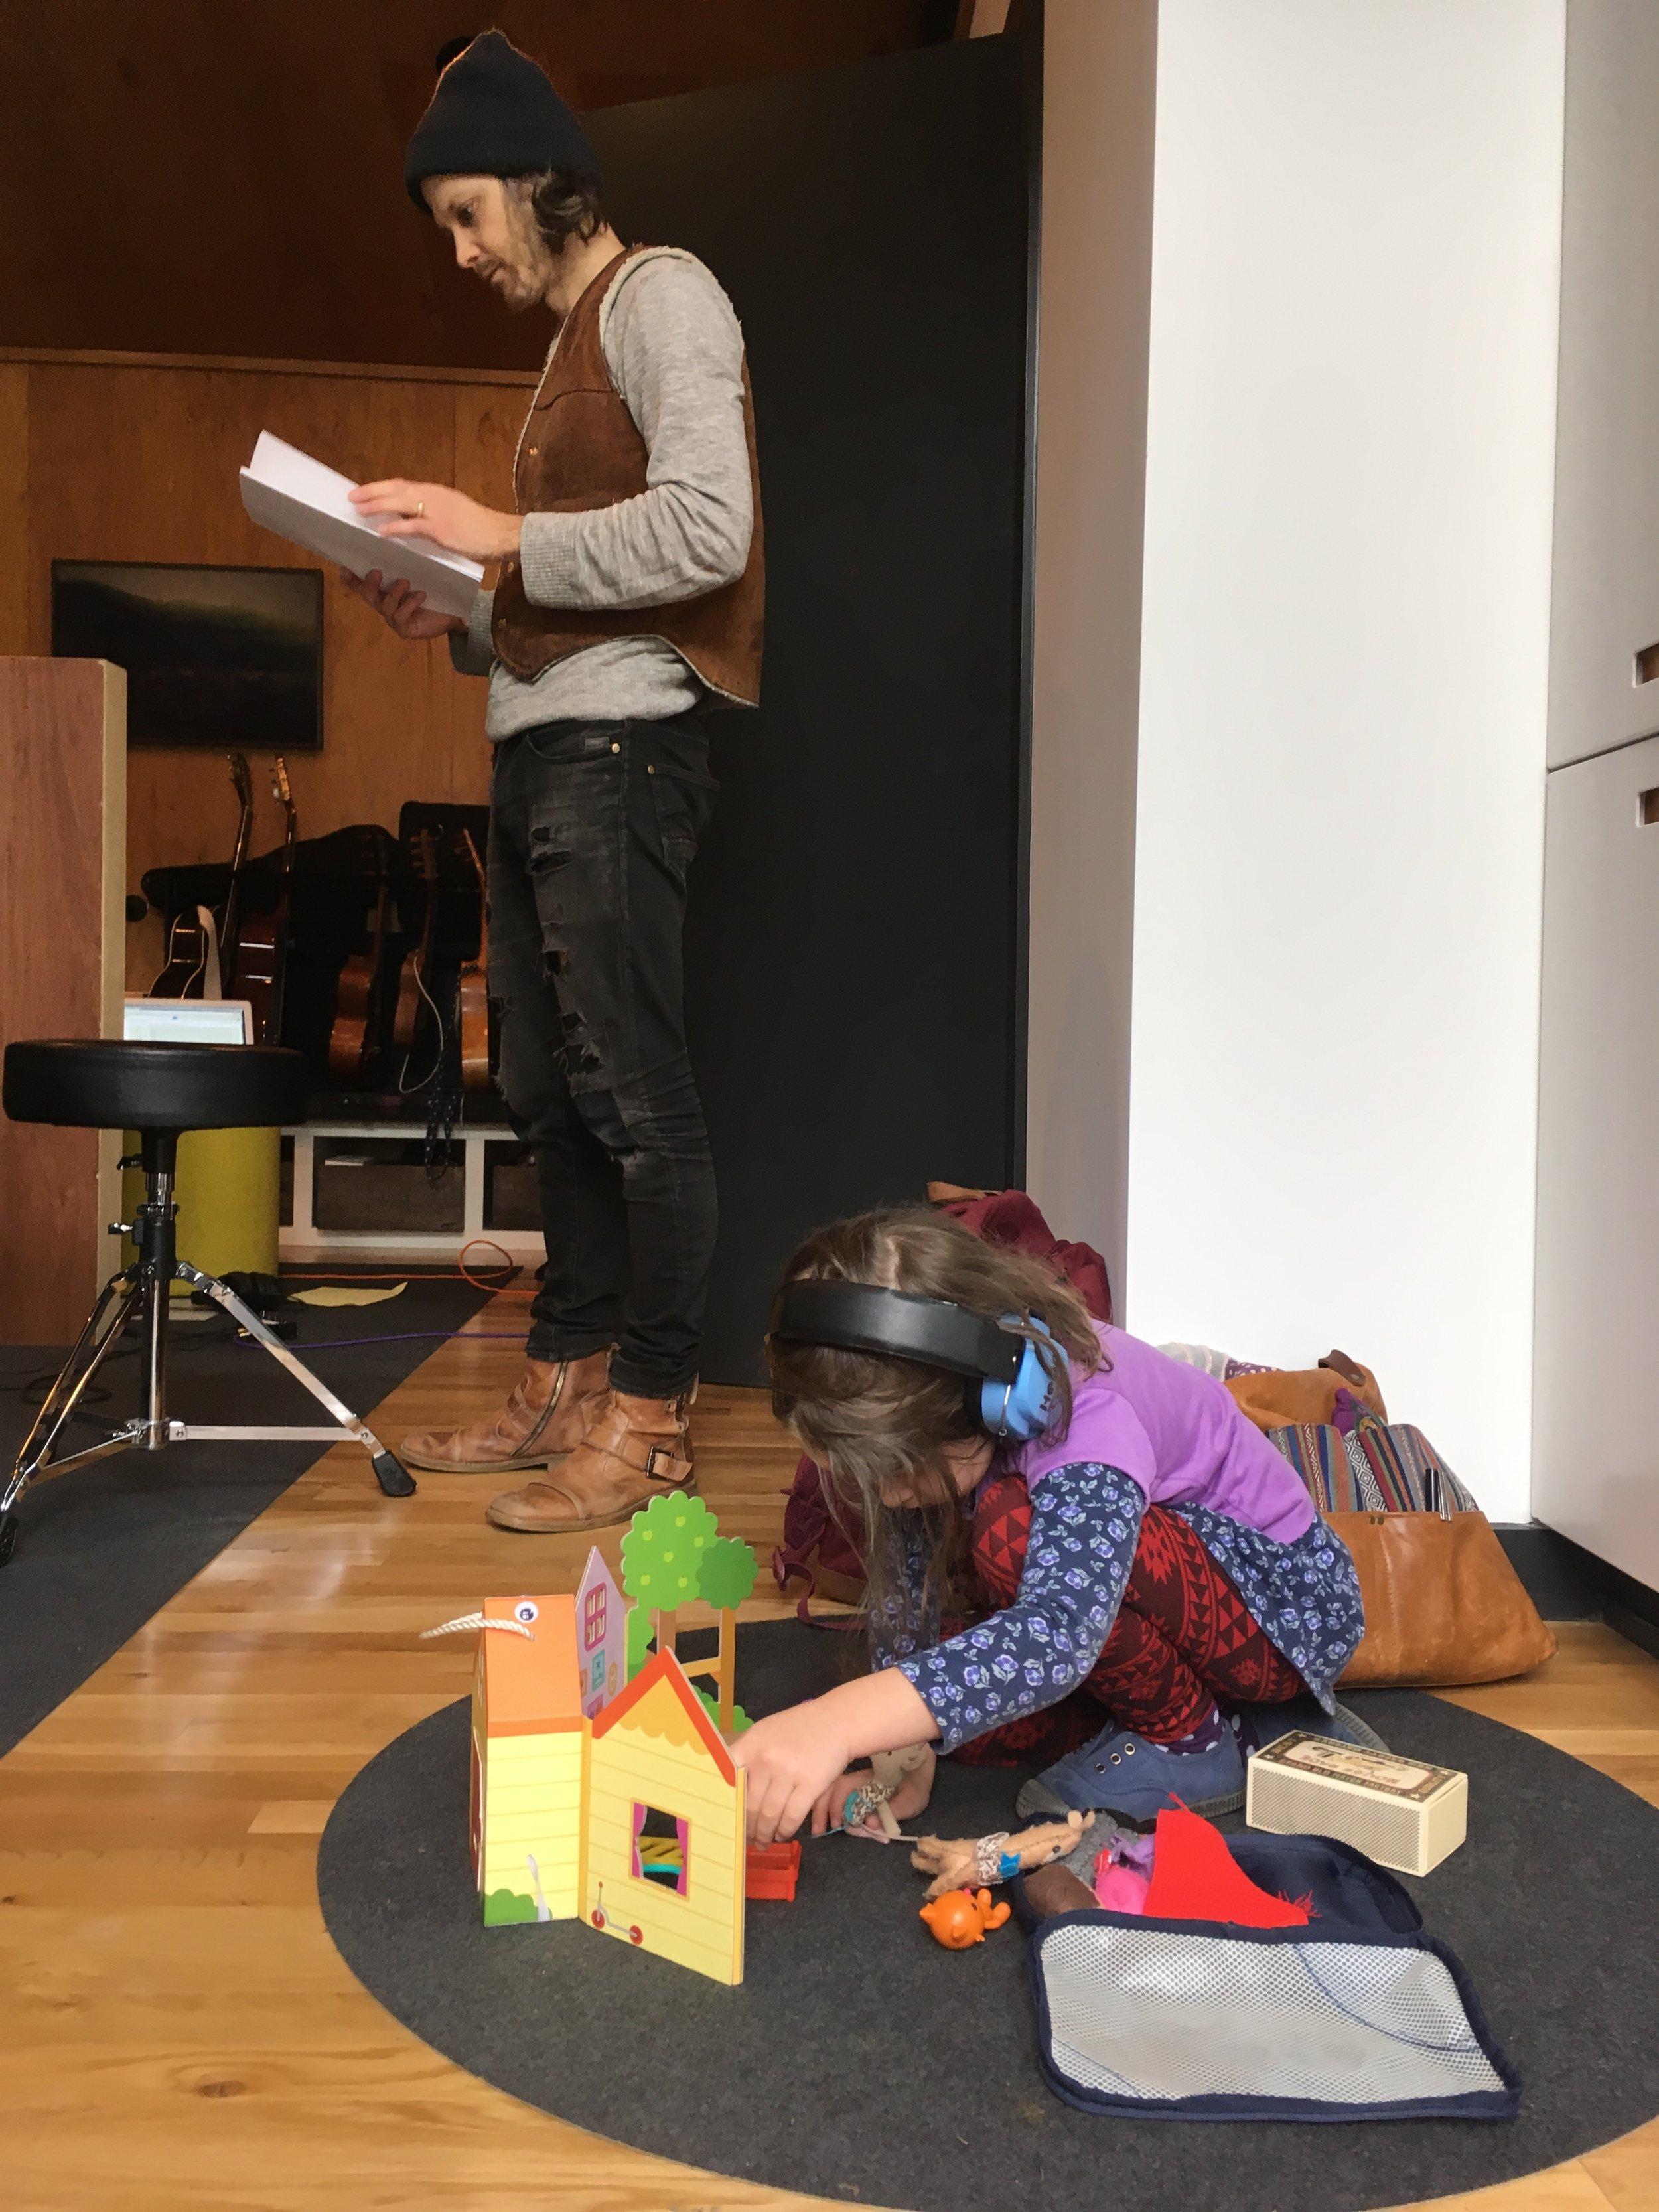 Calliope's toys on the studio floor